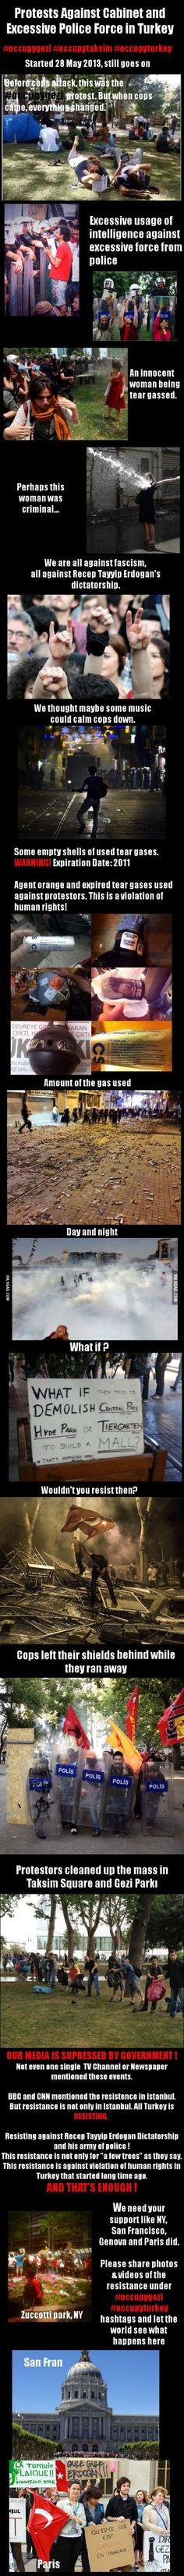 occupygezi #occupygezi #occupytaksim #direngeziparkı #taksimgeziparki #geziparki #direntaksim